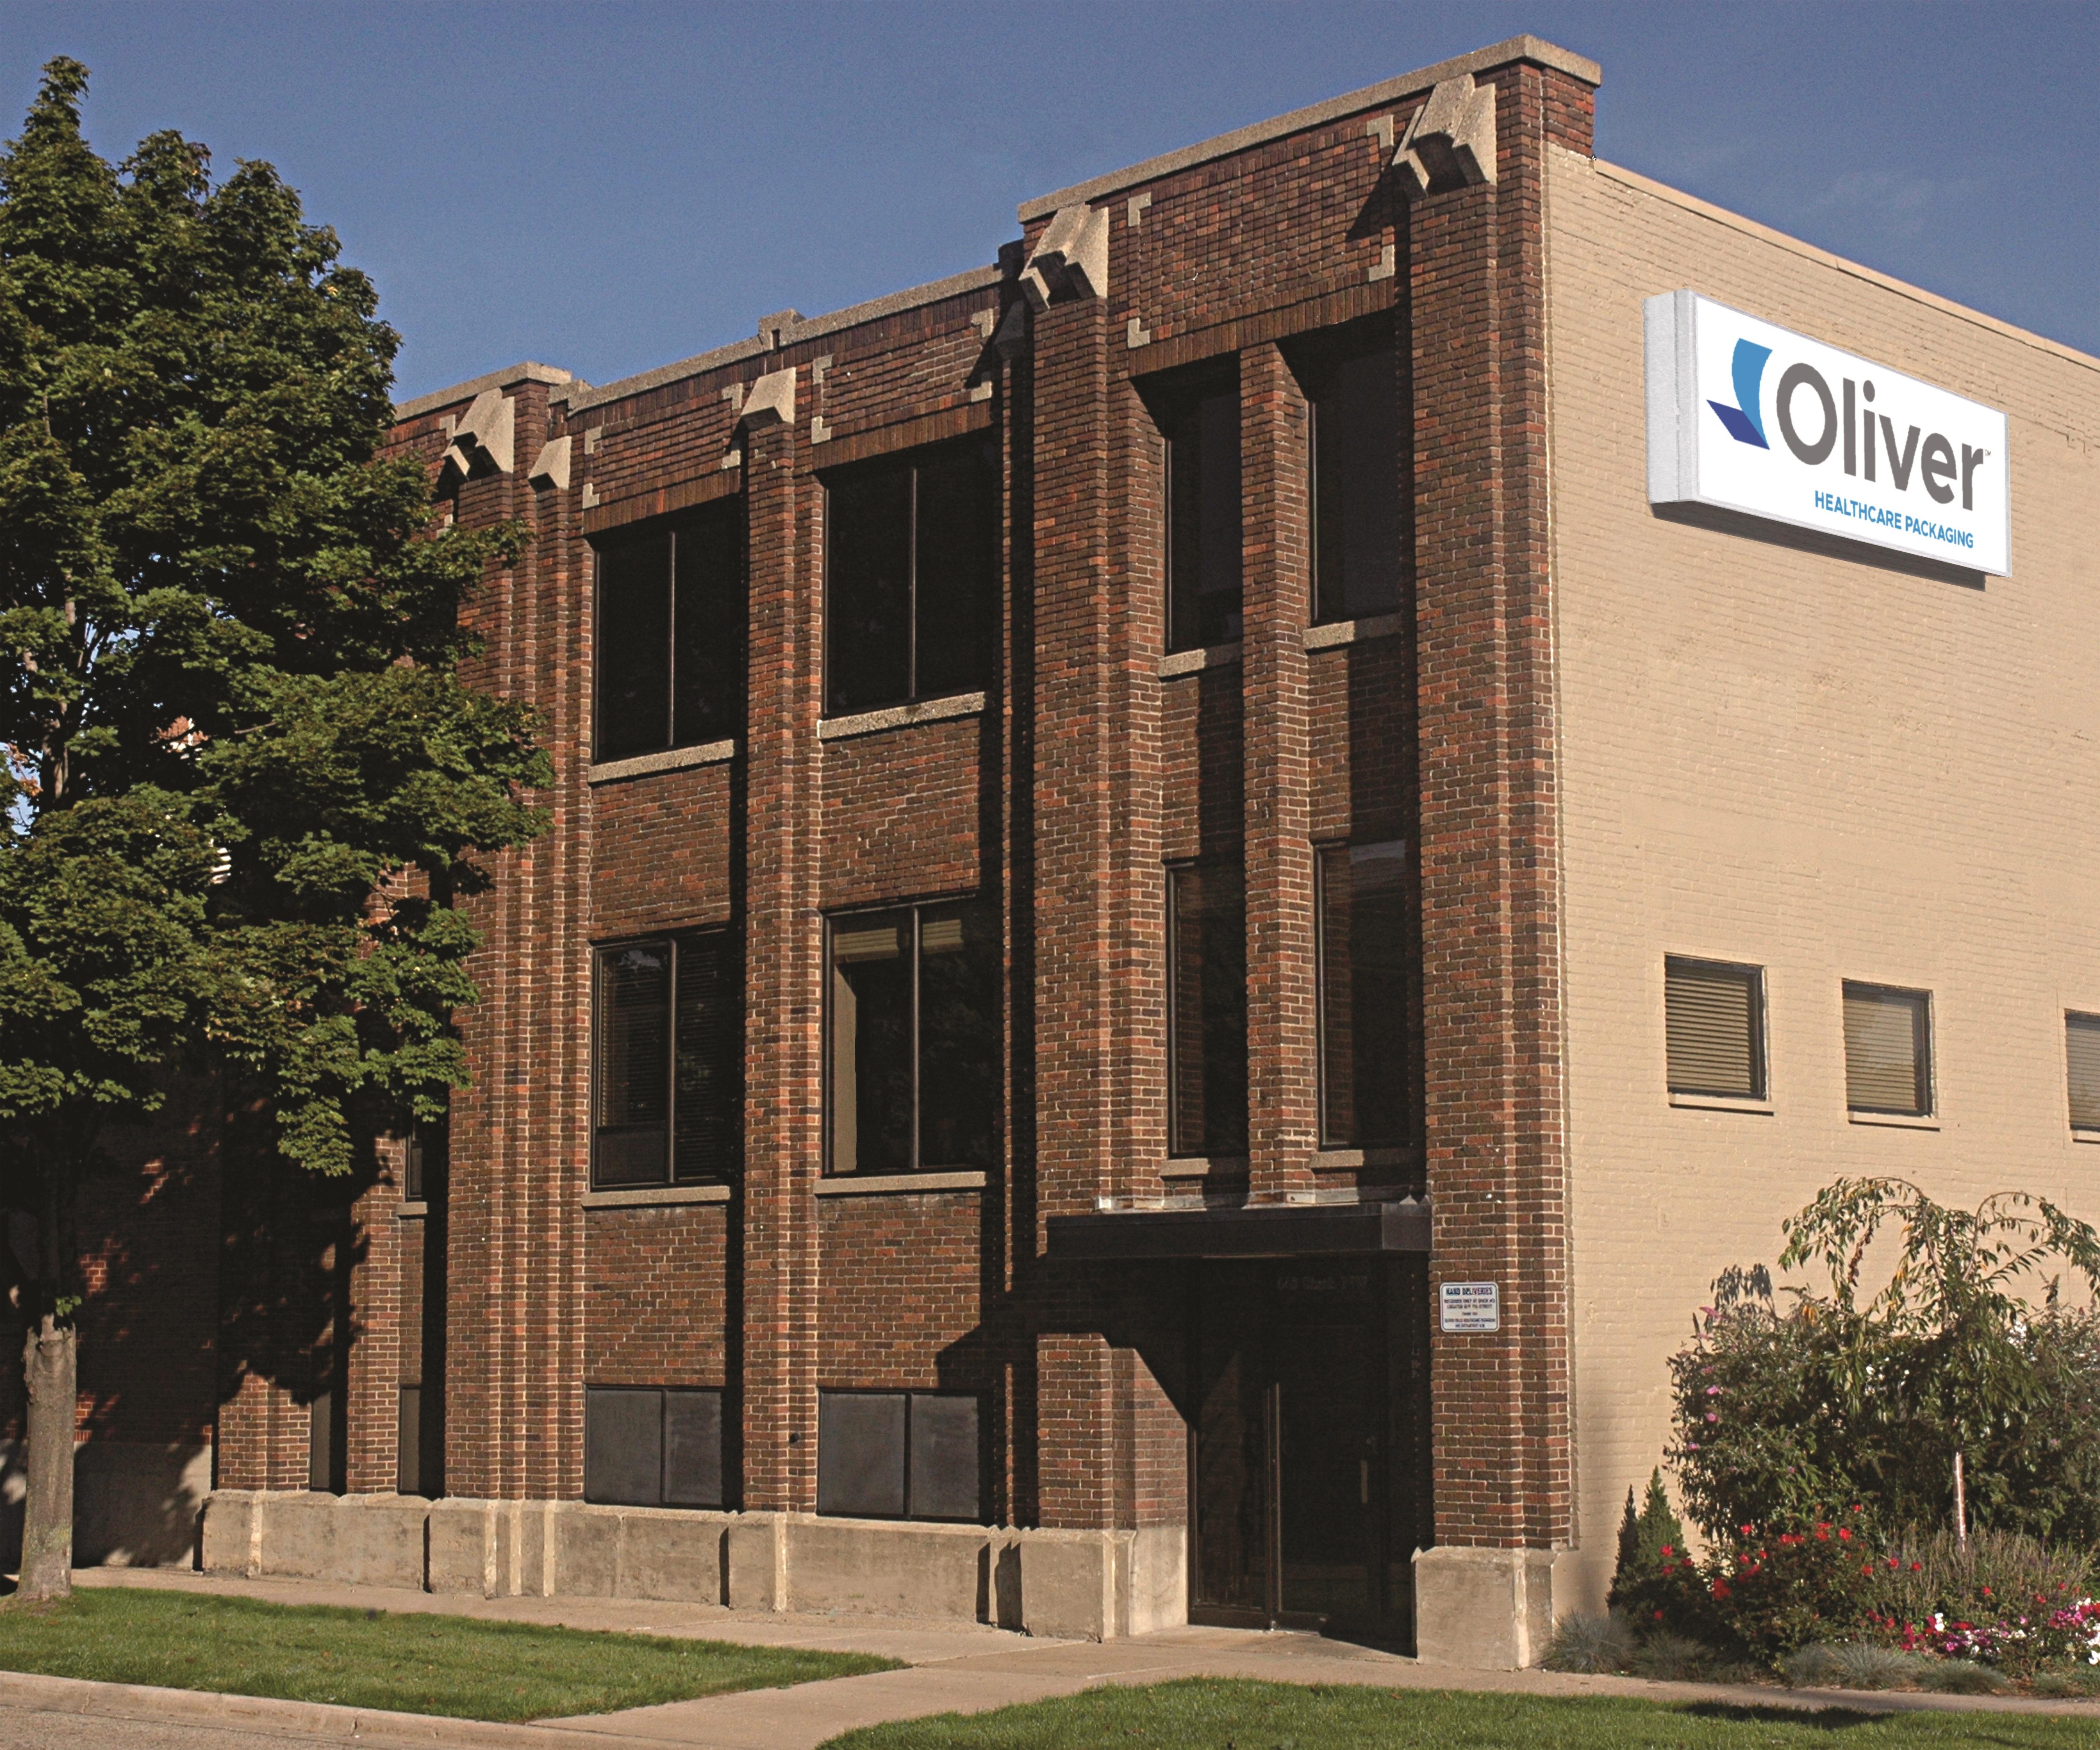 Oliver Location in Grand Rapids, Michigan